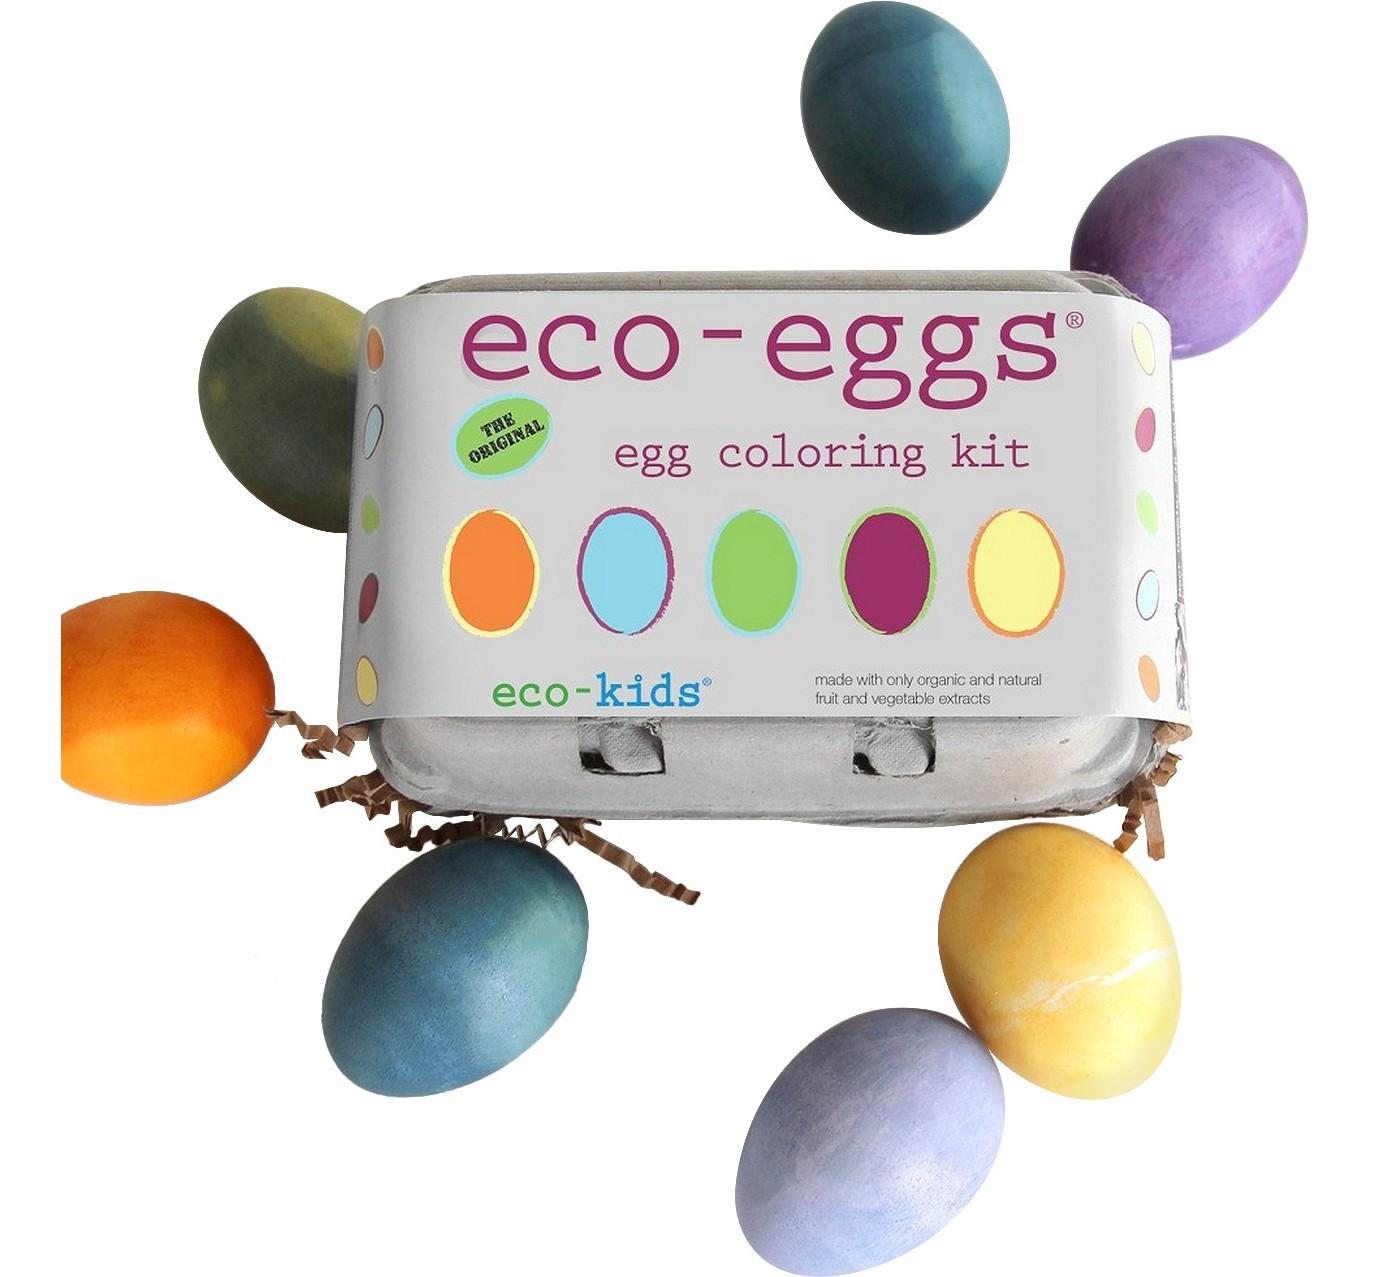 #1 Eco-Eggs